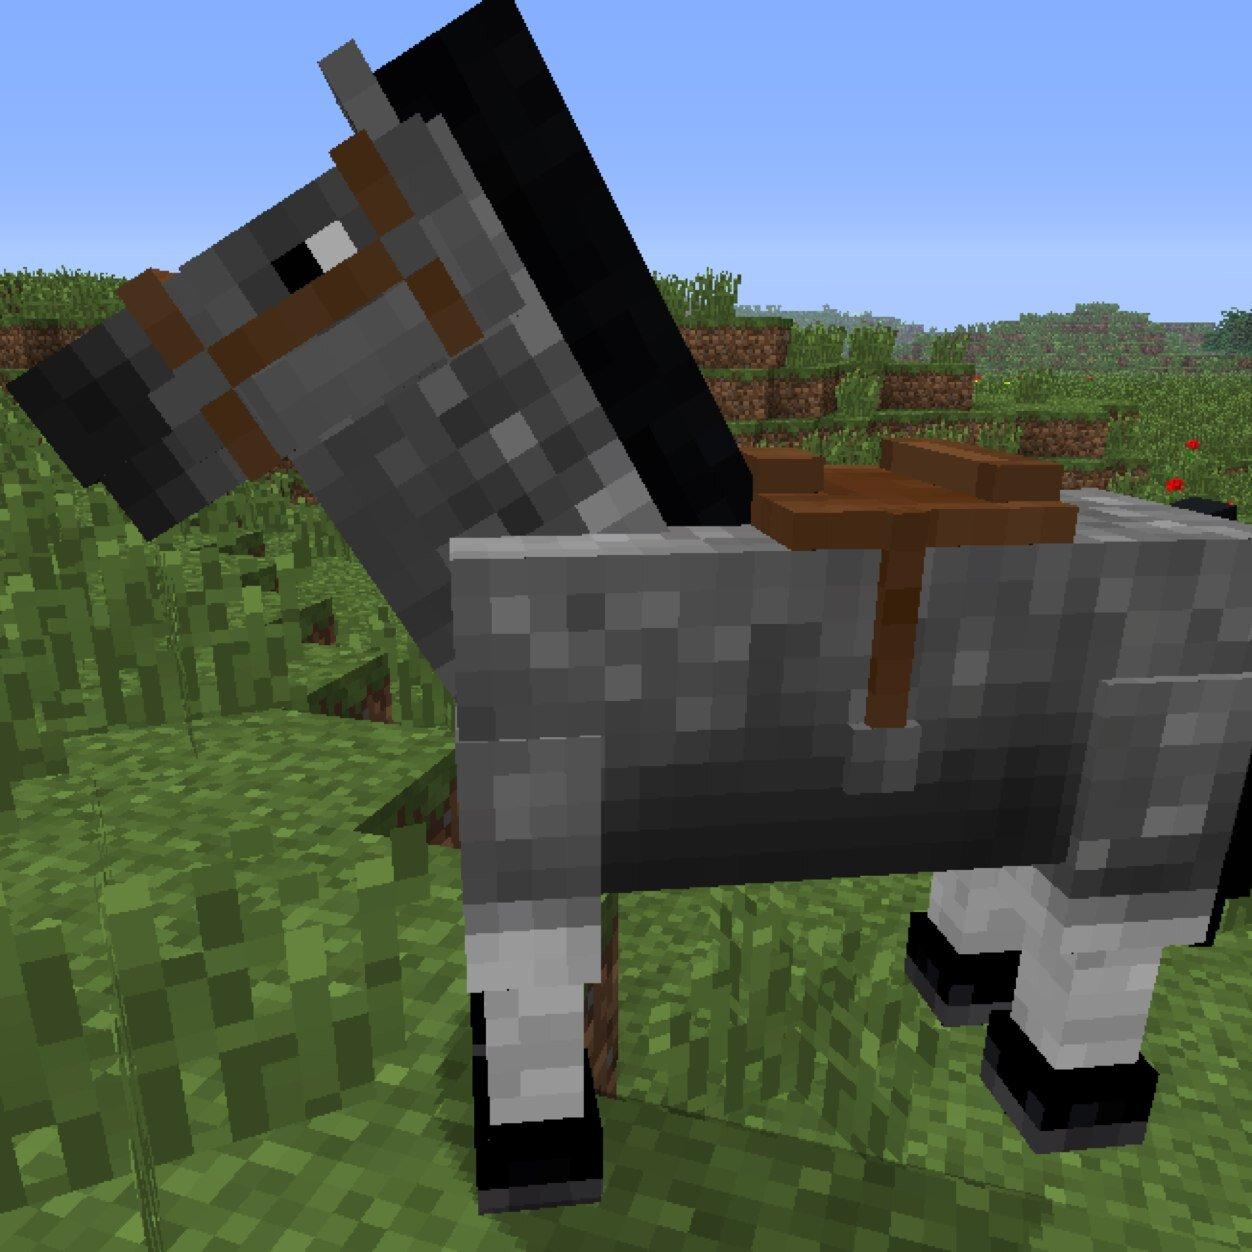 Як зробити сидло на коня в майнкрафт